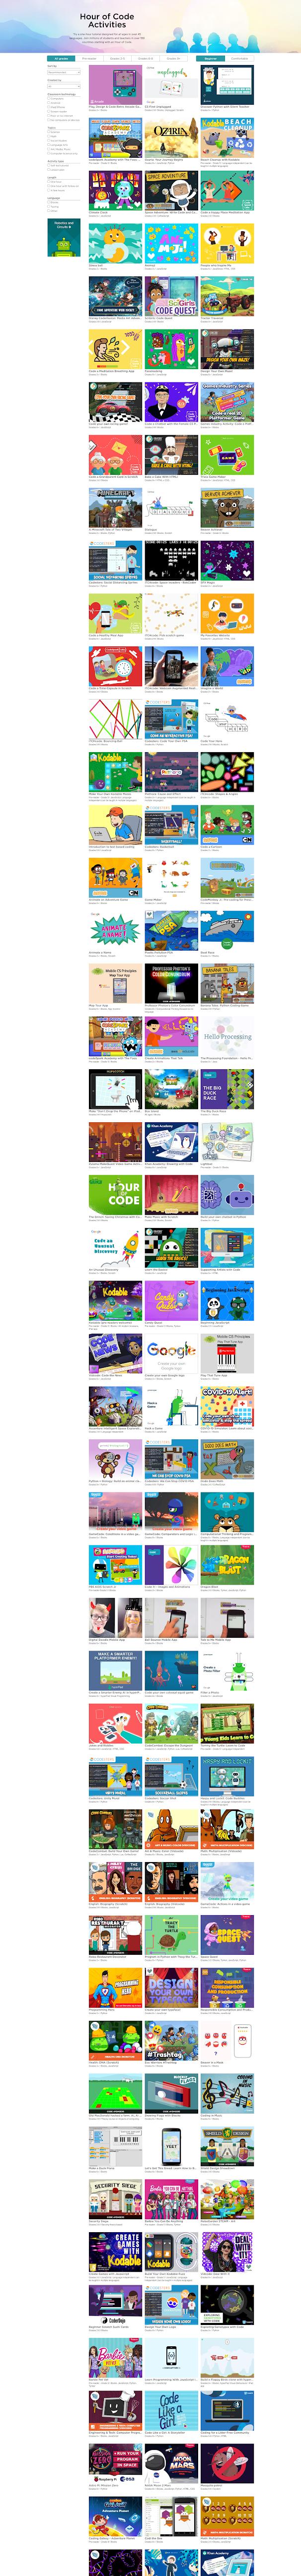 Hour of Code Activities di Code.org Untuk Bermain Sambil Belajar Coding di Rumah